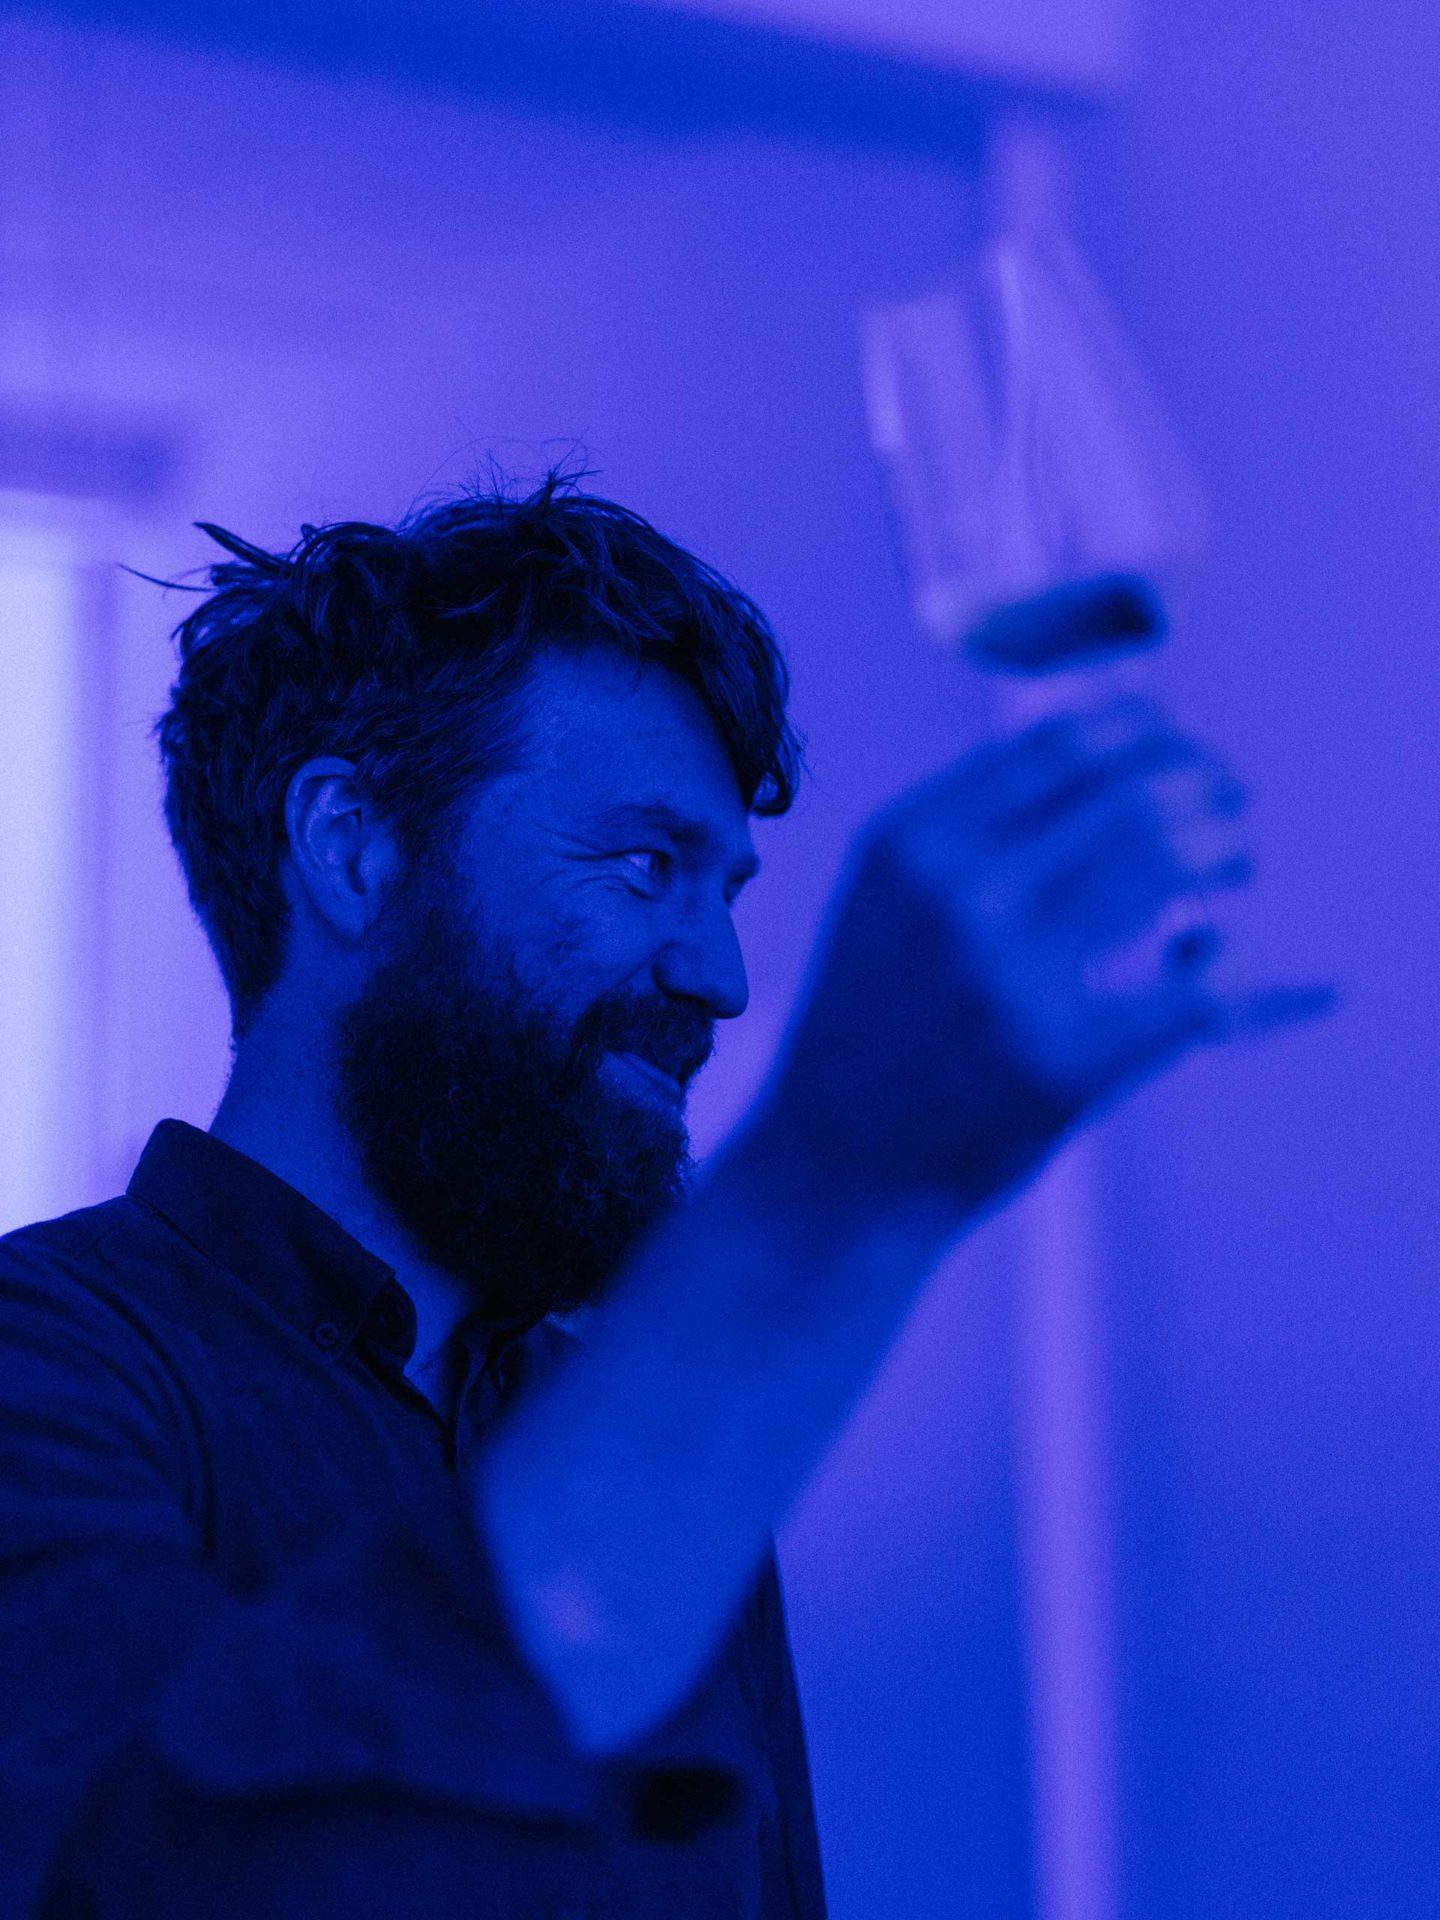 Der besondere Verkostungsraum. Prost! Felix probiert den Wein unter blauem Licht